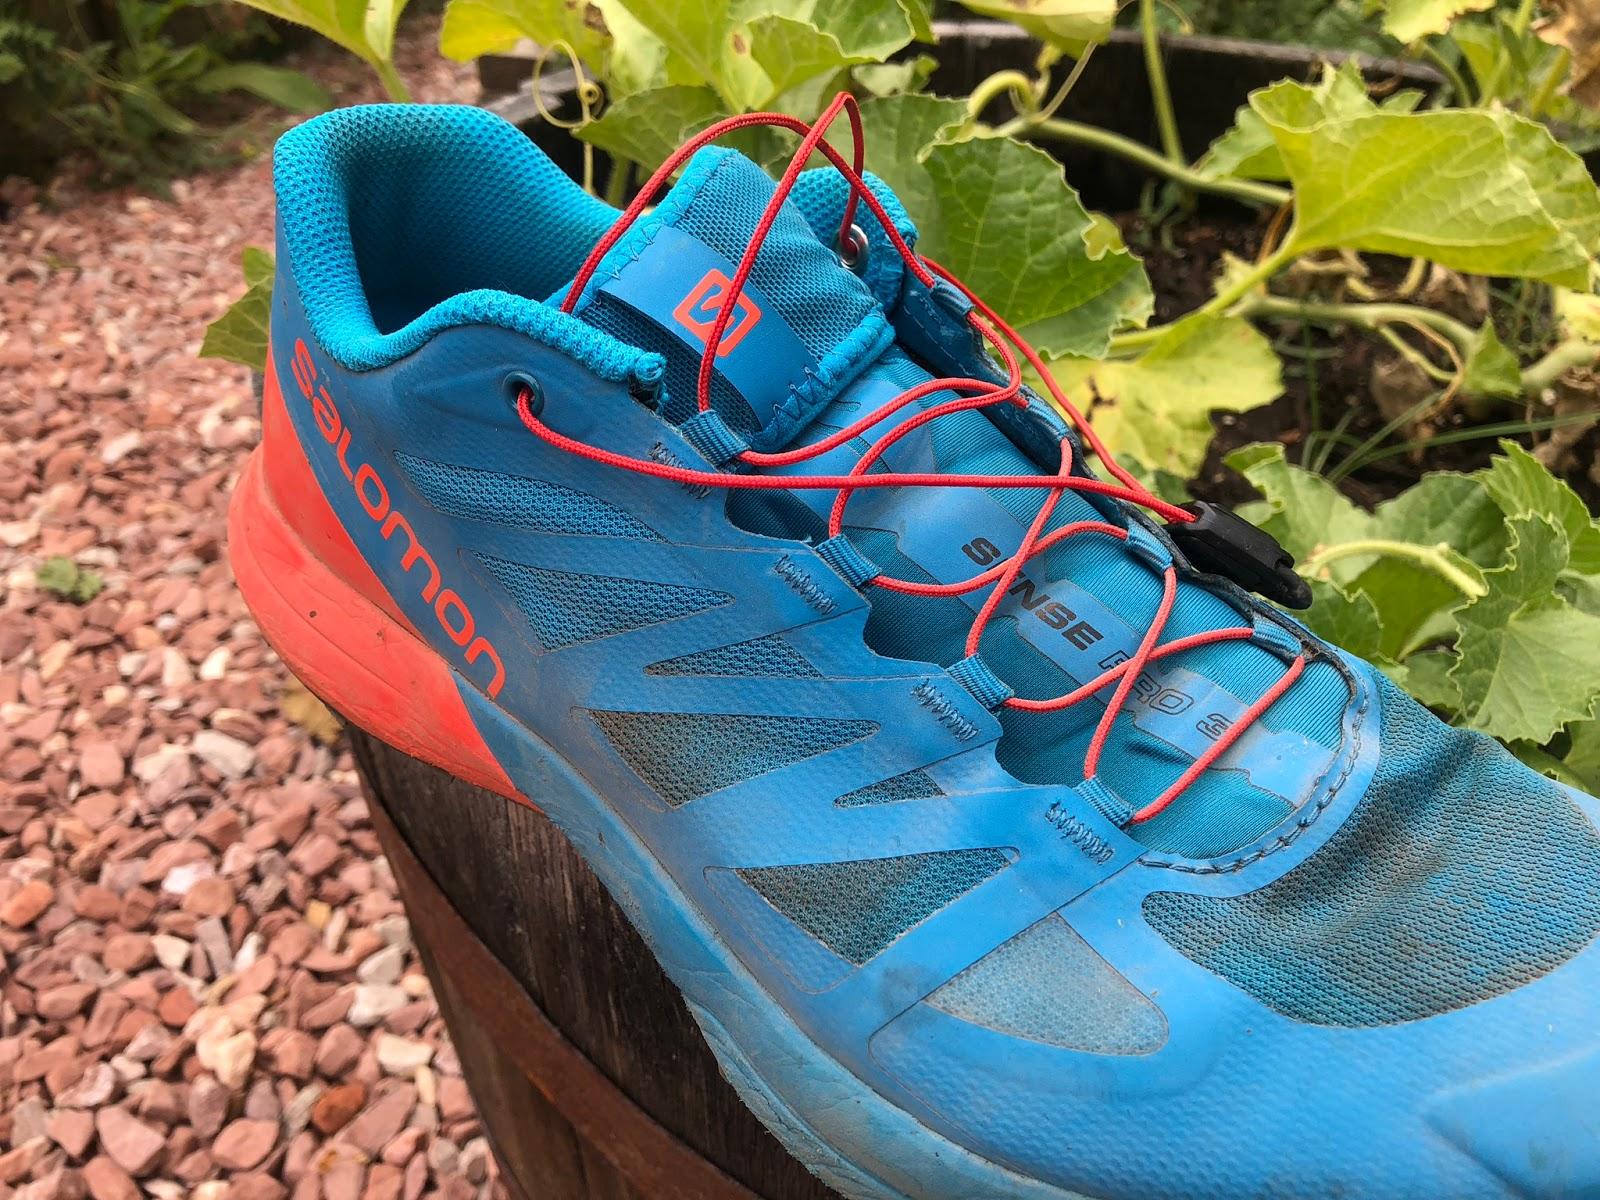 Road Trail Run: Salomon Sense Pro 3 Review